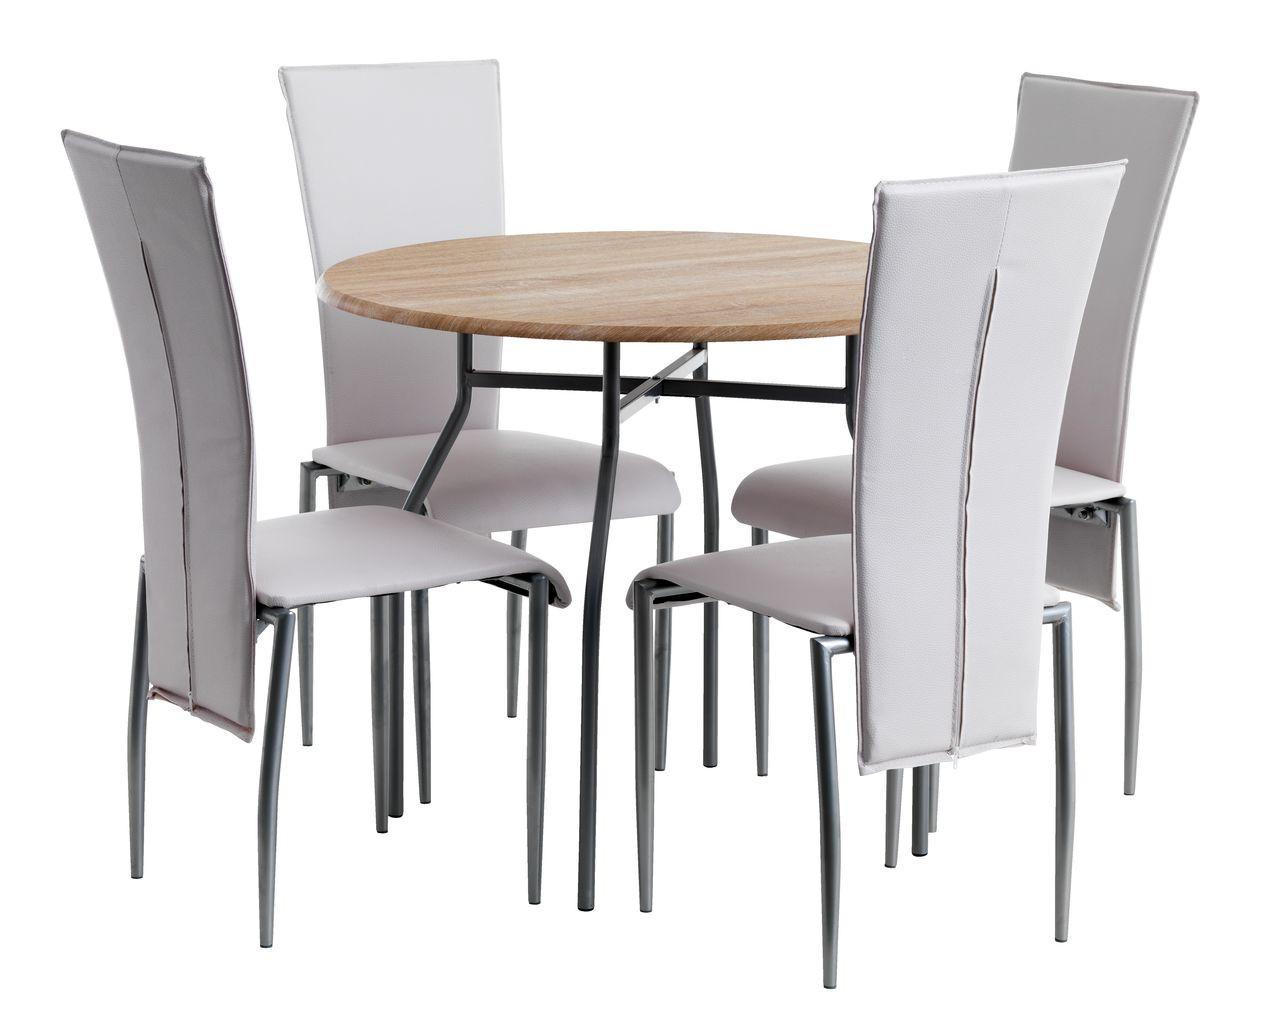 Обеденная группа  (Стол круглый светлый + 4 стула светлых кремовых кожаных с высокой спинкой )